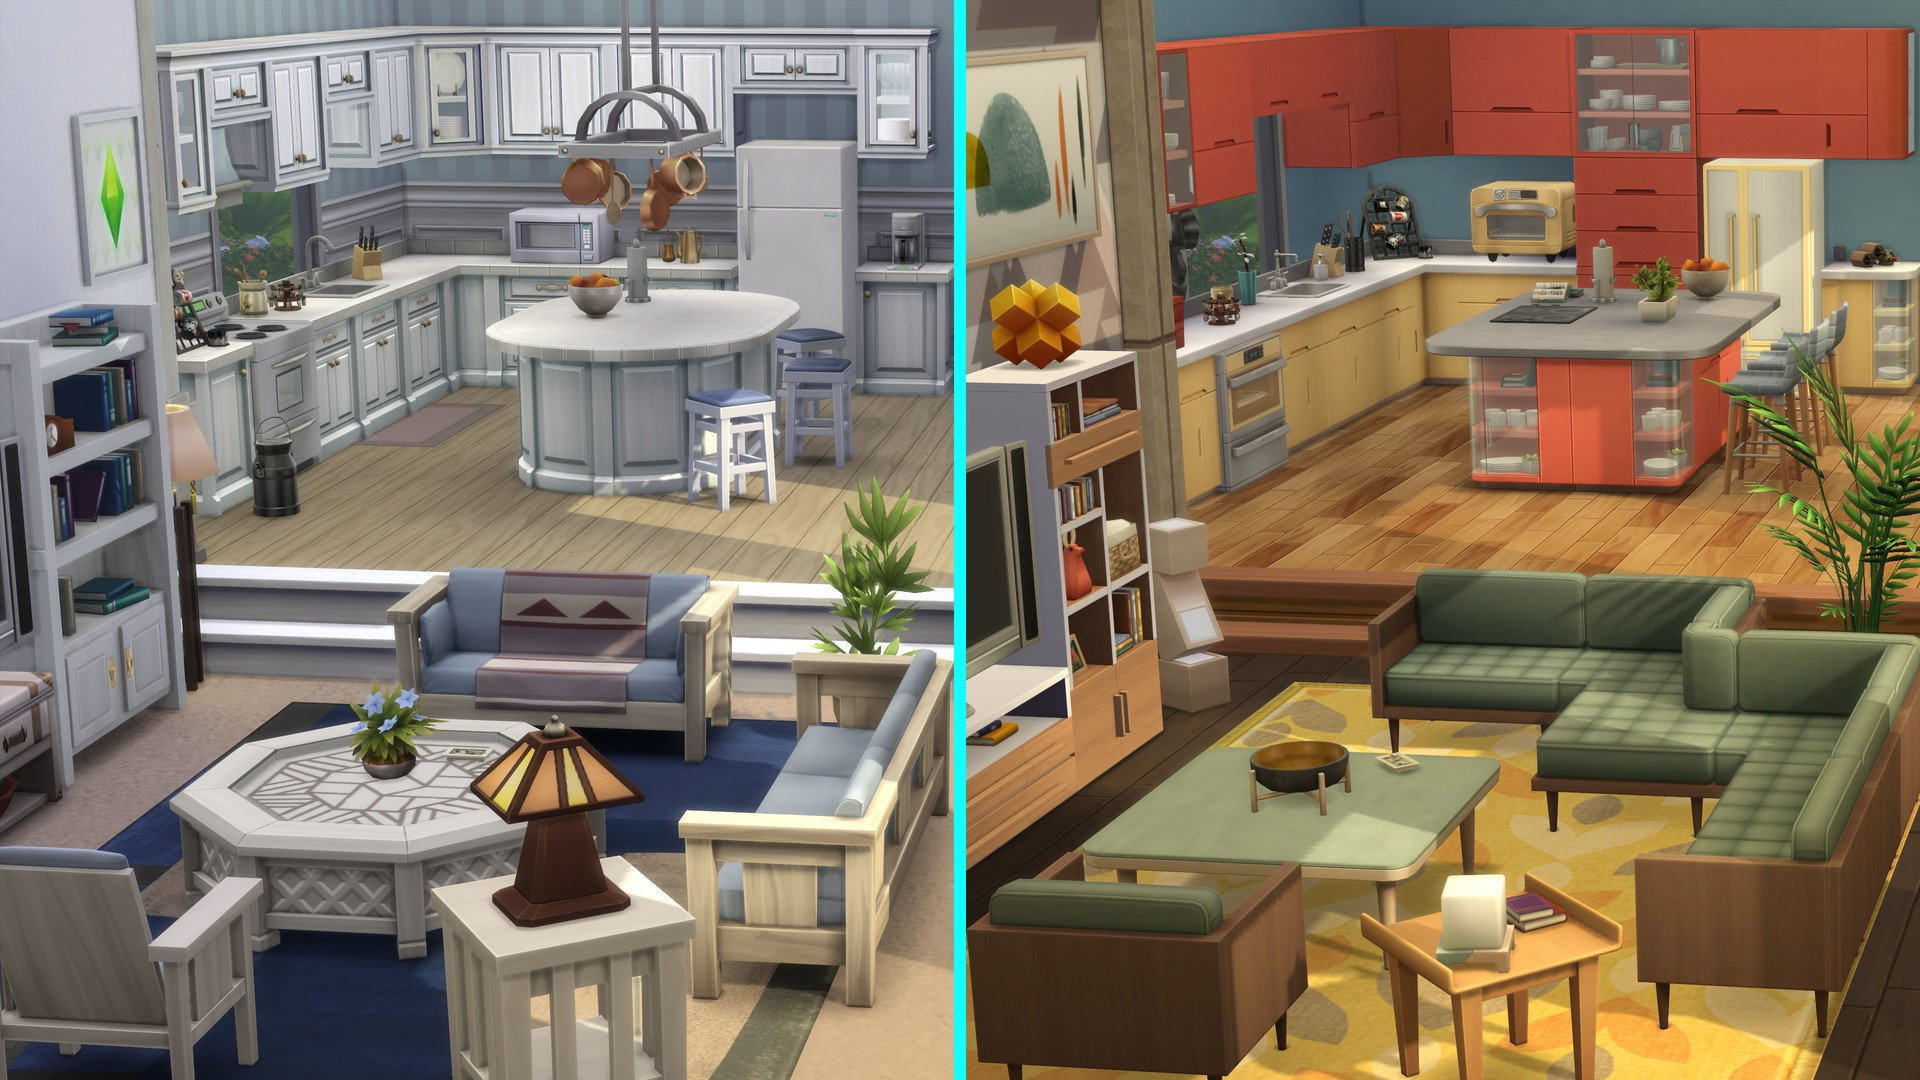 The Sims 4 Interiér snů 4